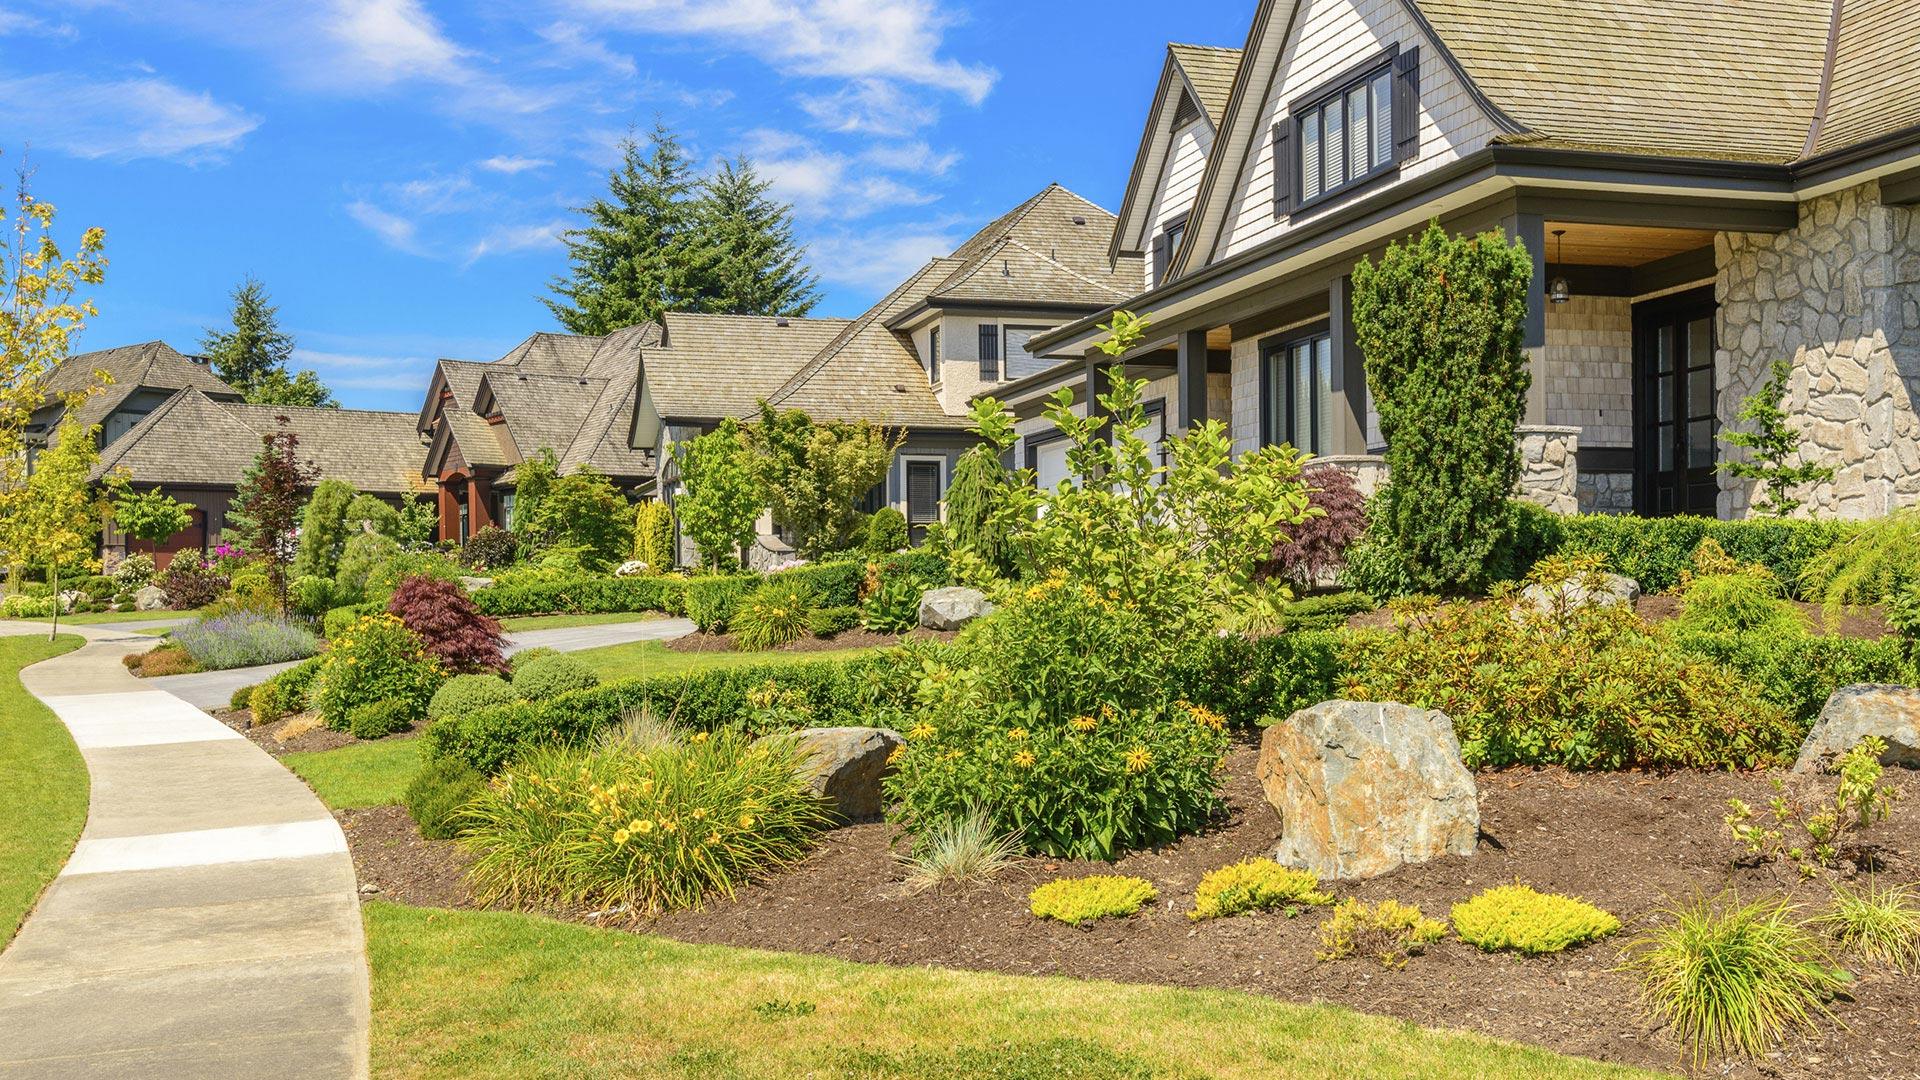 Eastside Landscaping And General Home Services Lawn Care Services, Gardening Services and Lawn Fertilization slide 2